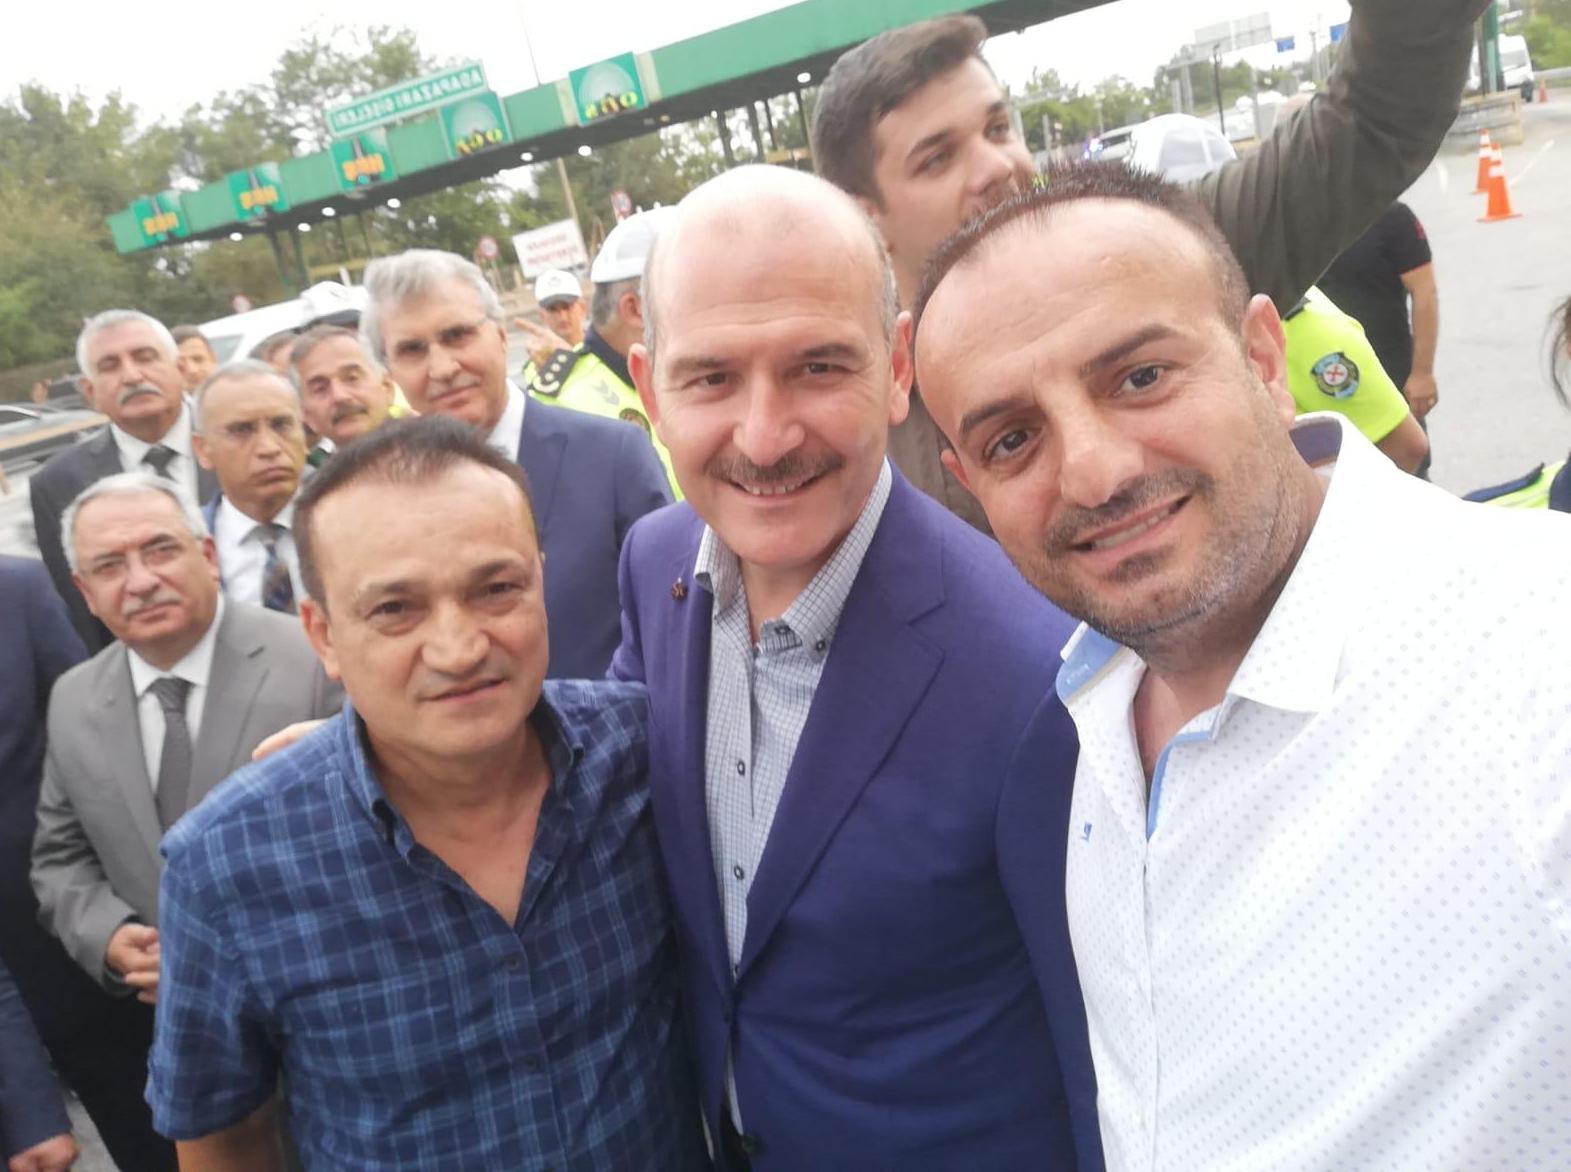 İçişleri Bakanı Soylu ile görüştüler